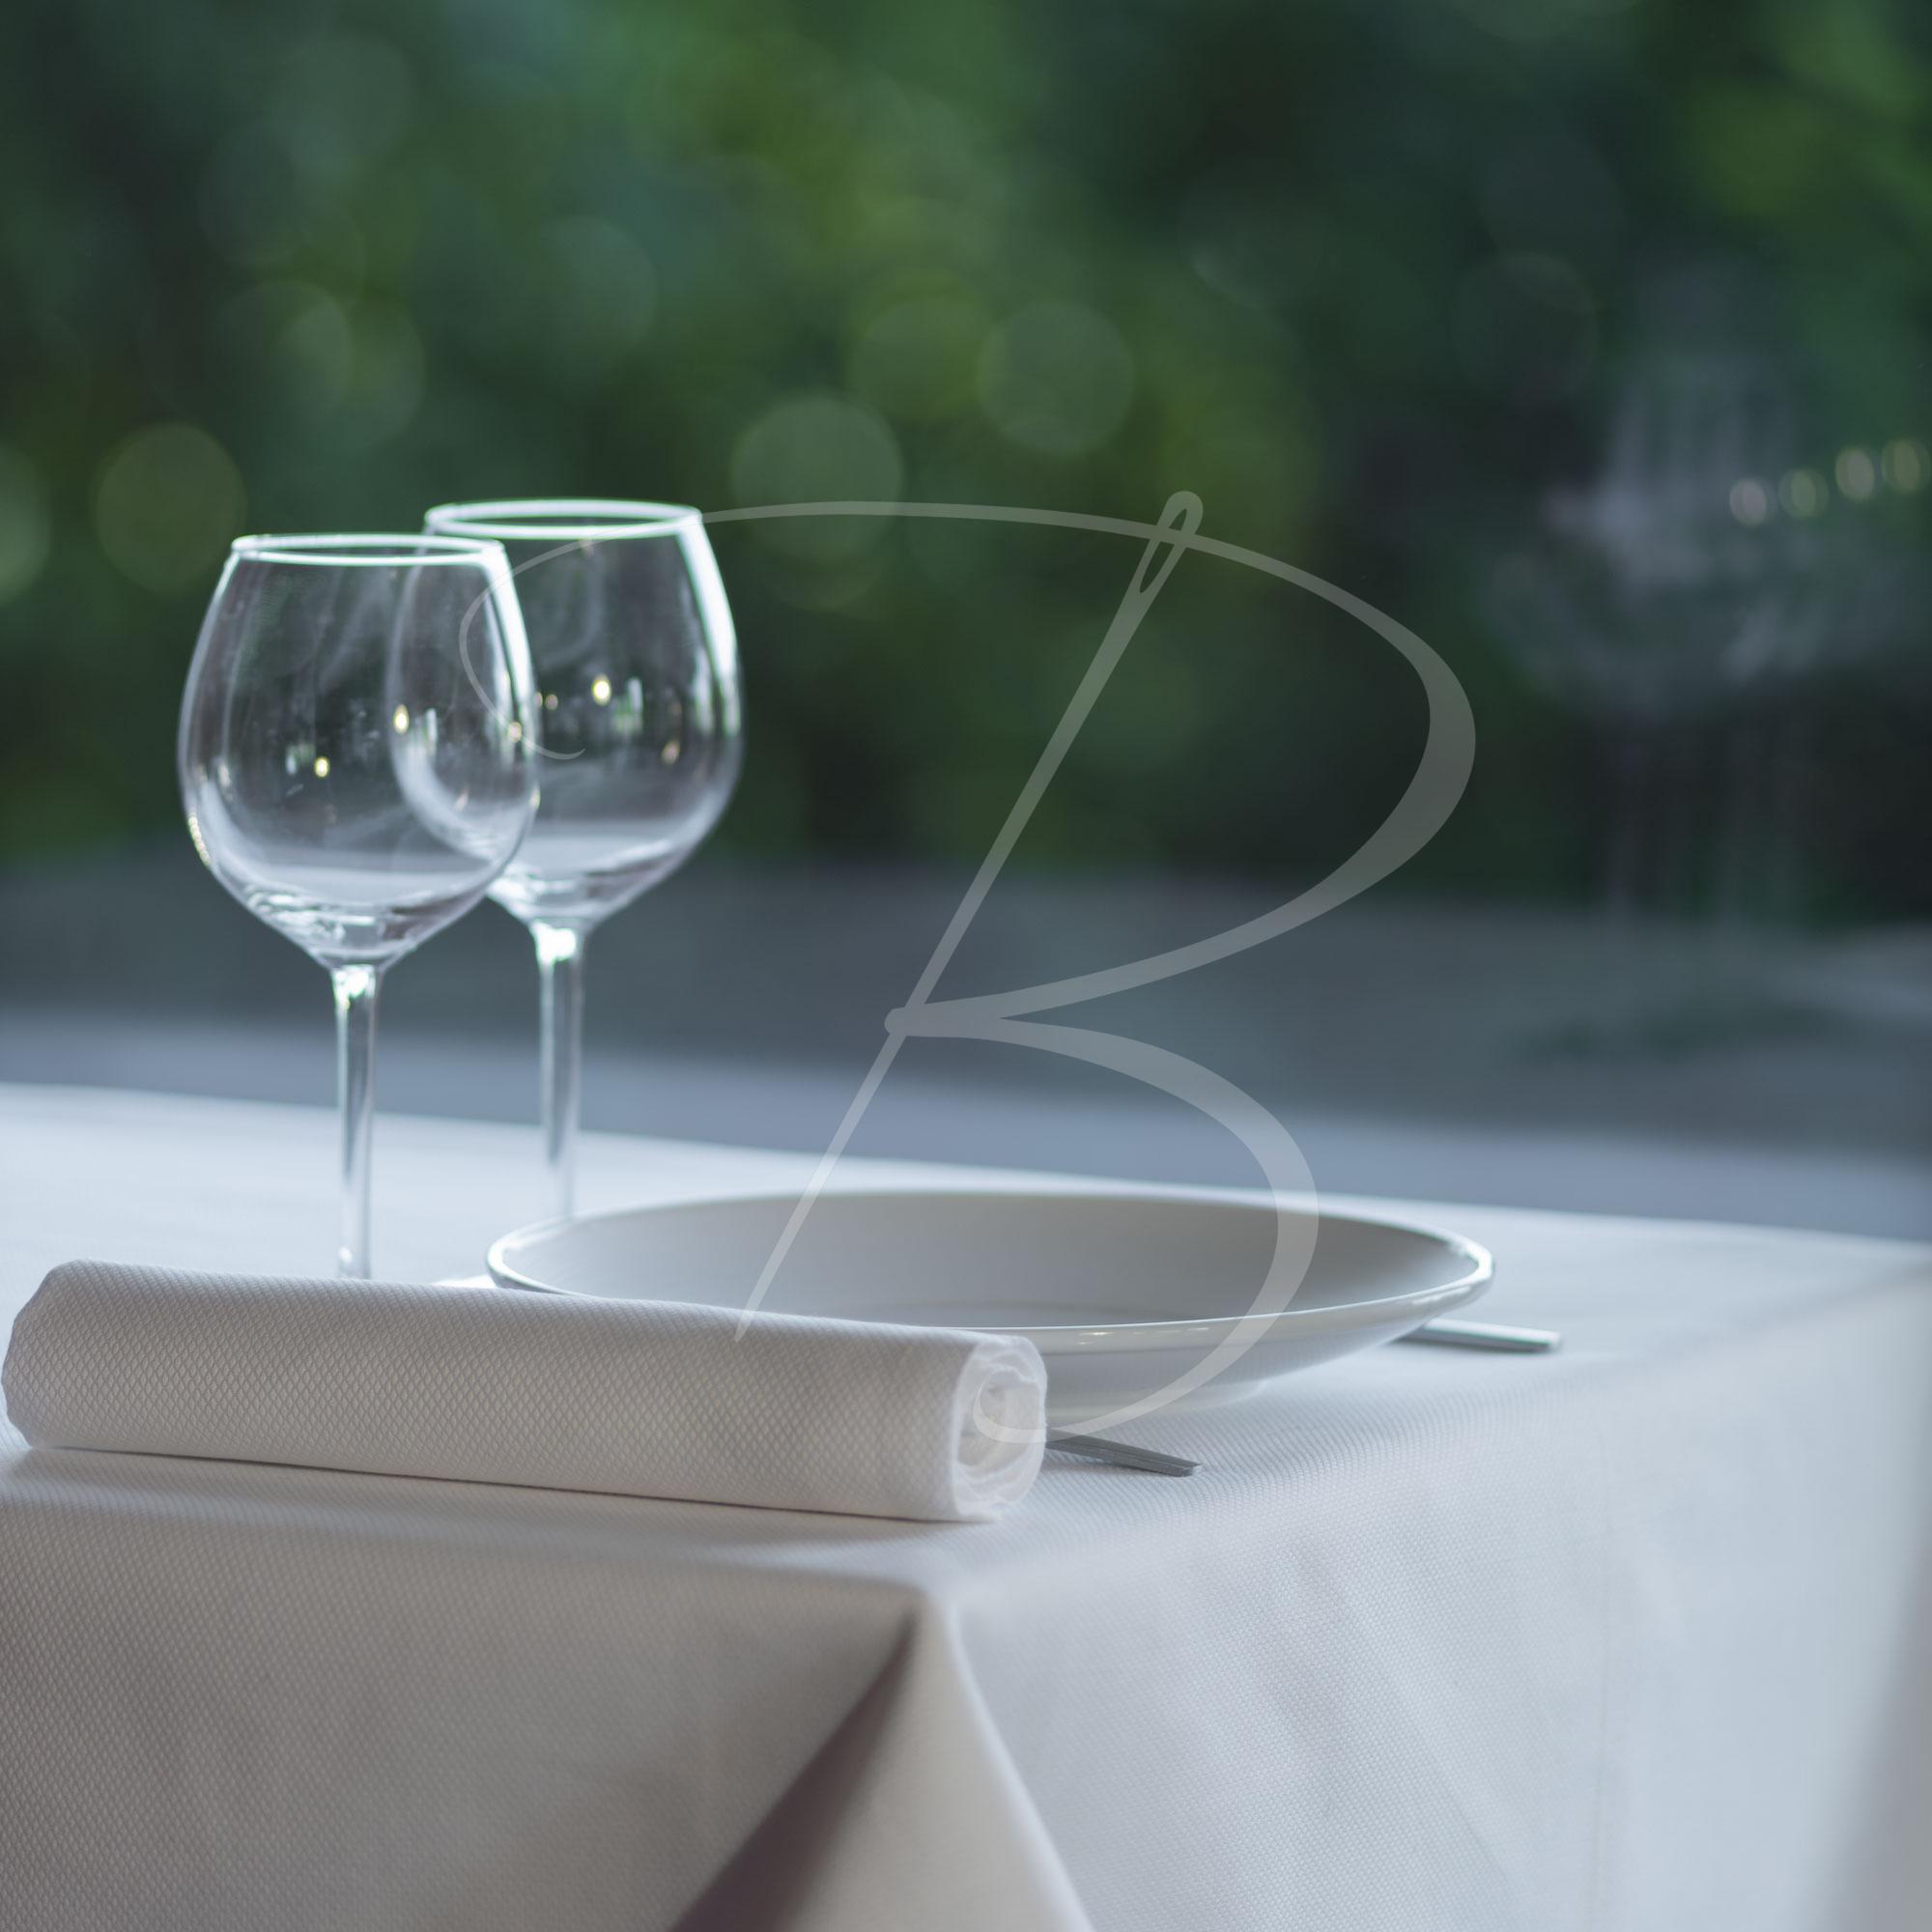 linge-table-cerons-